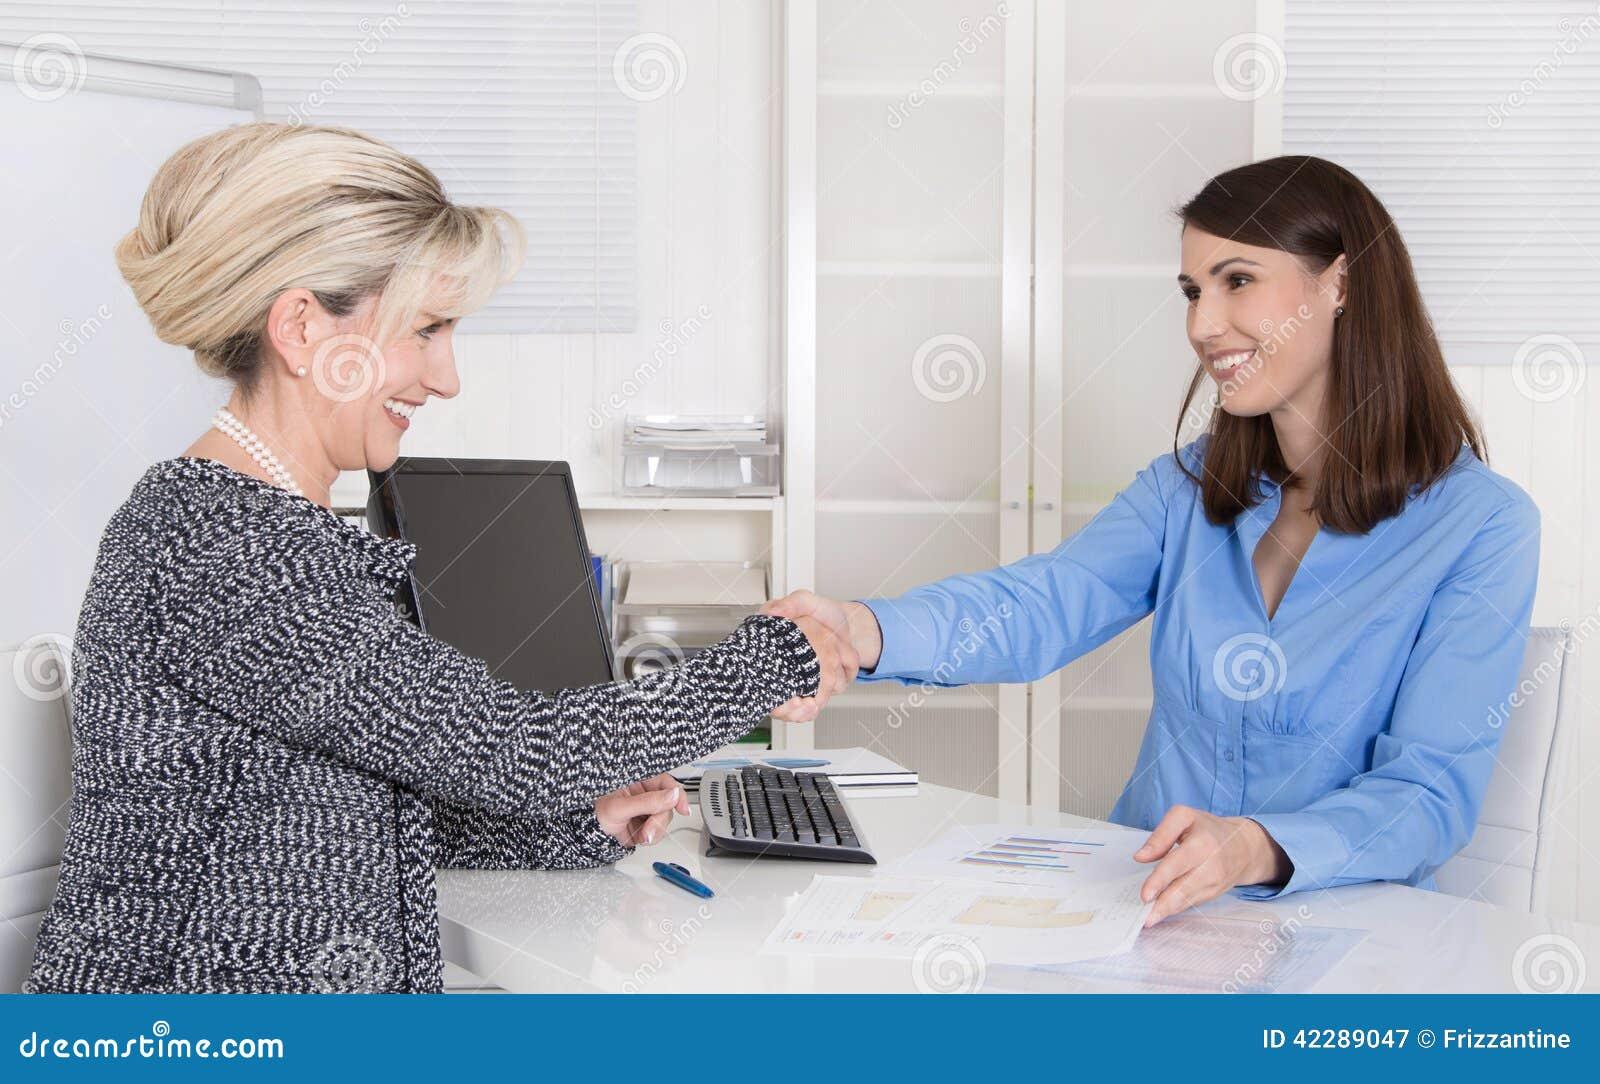 Успешные команда или рукопожатие дела женщины в собеседовании для приема на работу